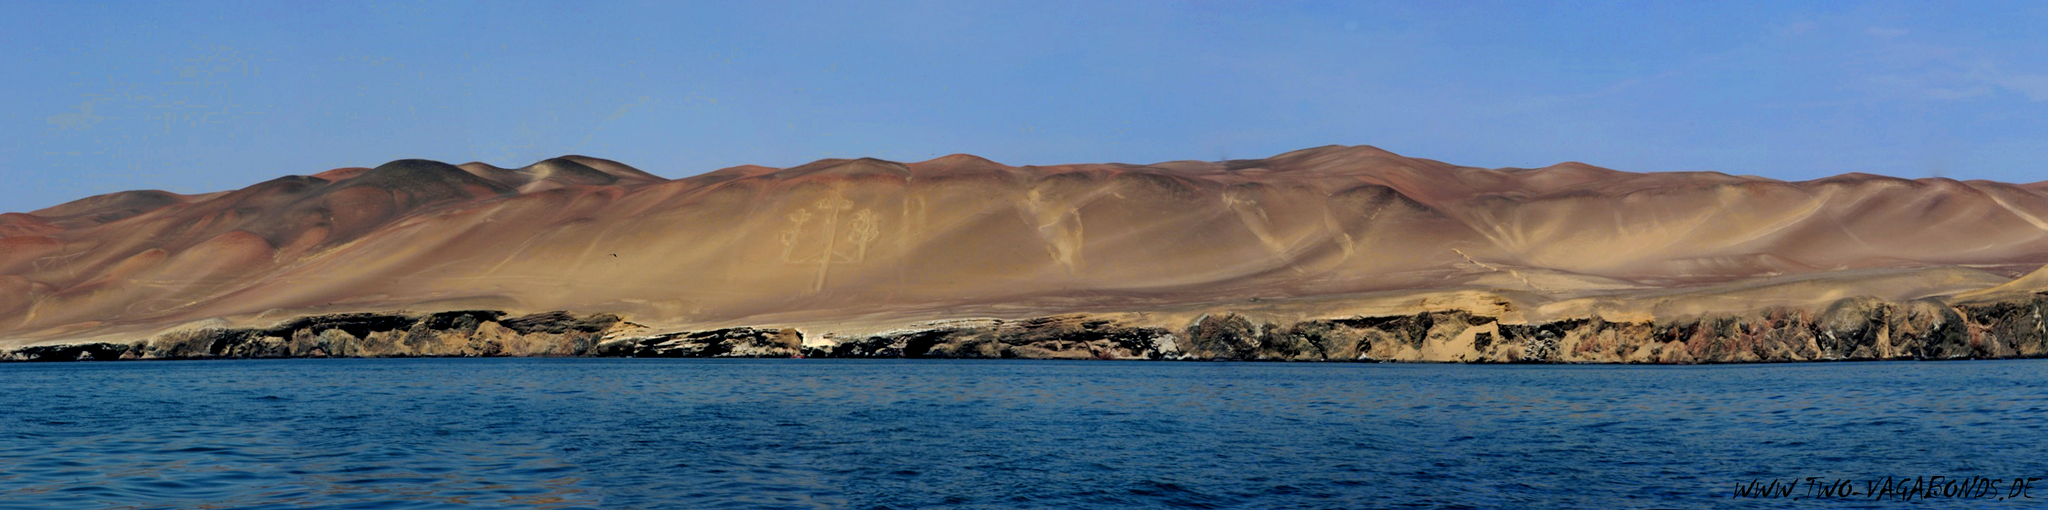 PERU 2015 - EL CANDELABRO